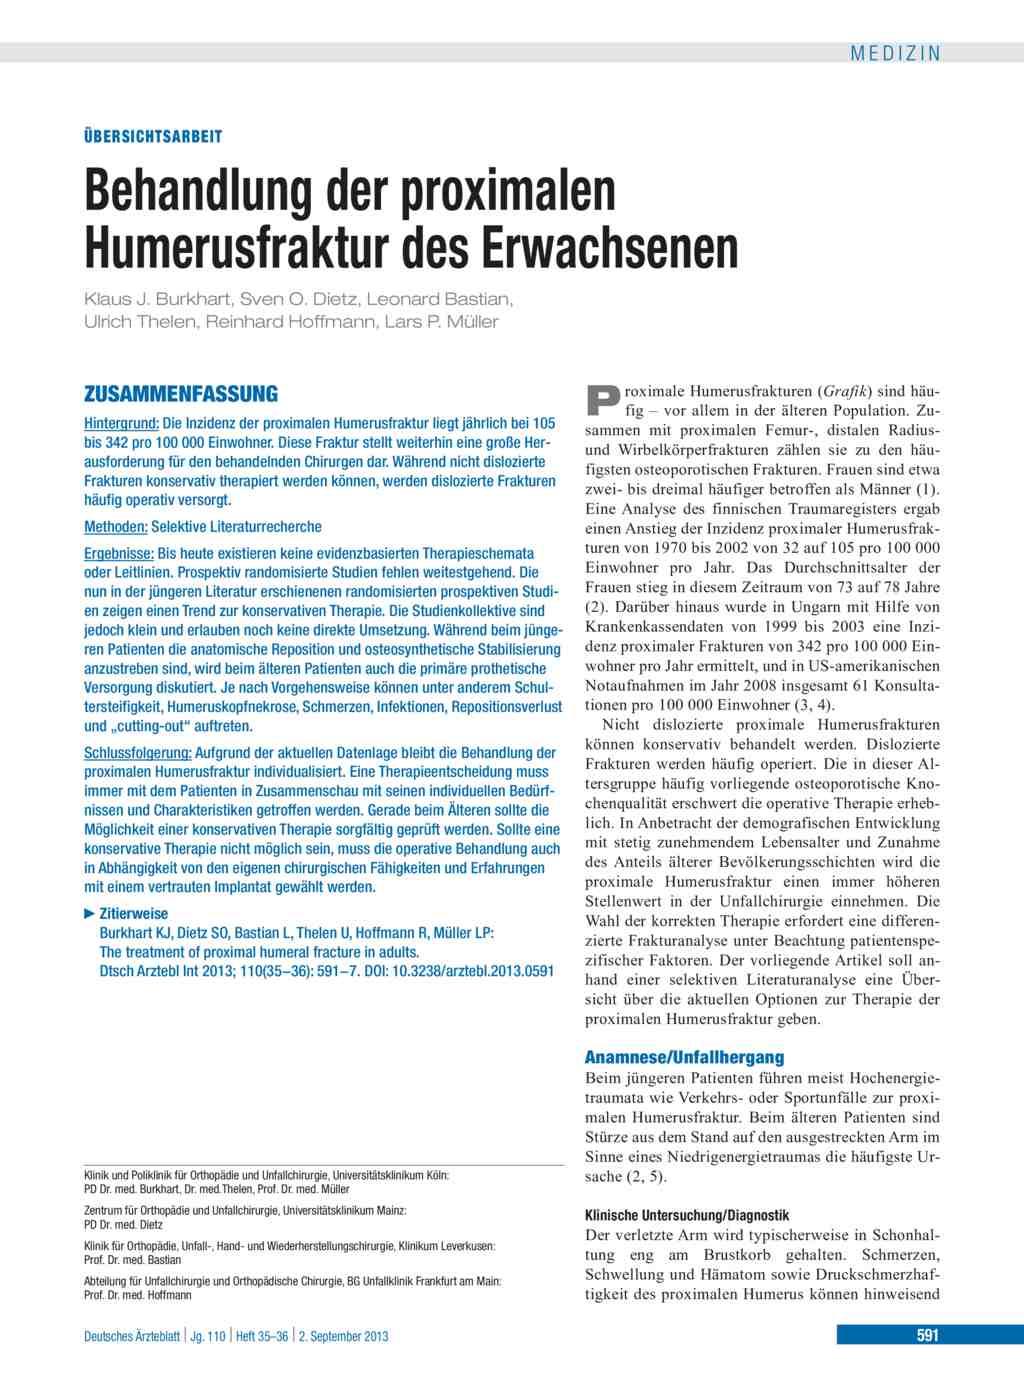 Behandlung der proximalen Humerusfraktur des Erwachsenen